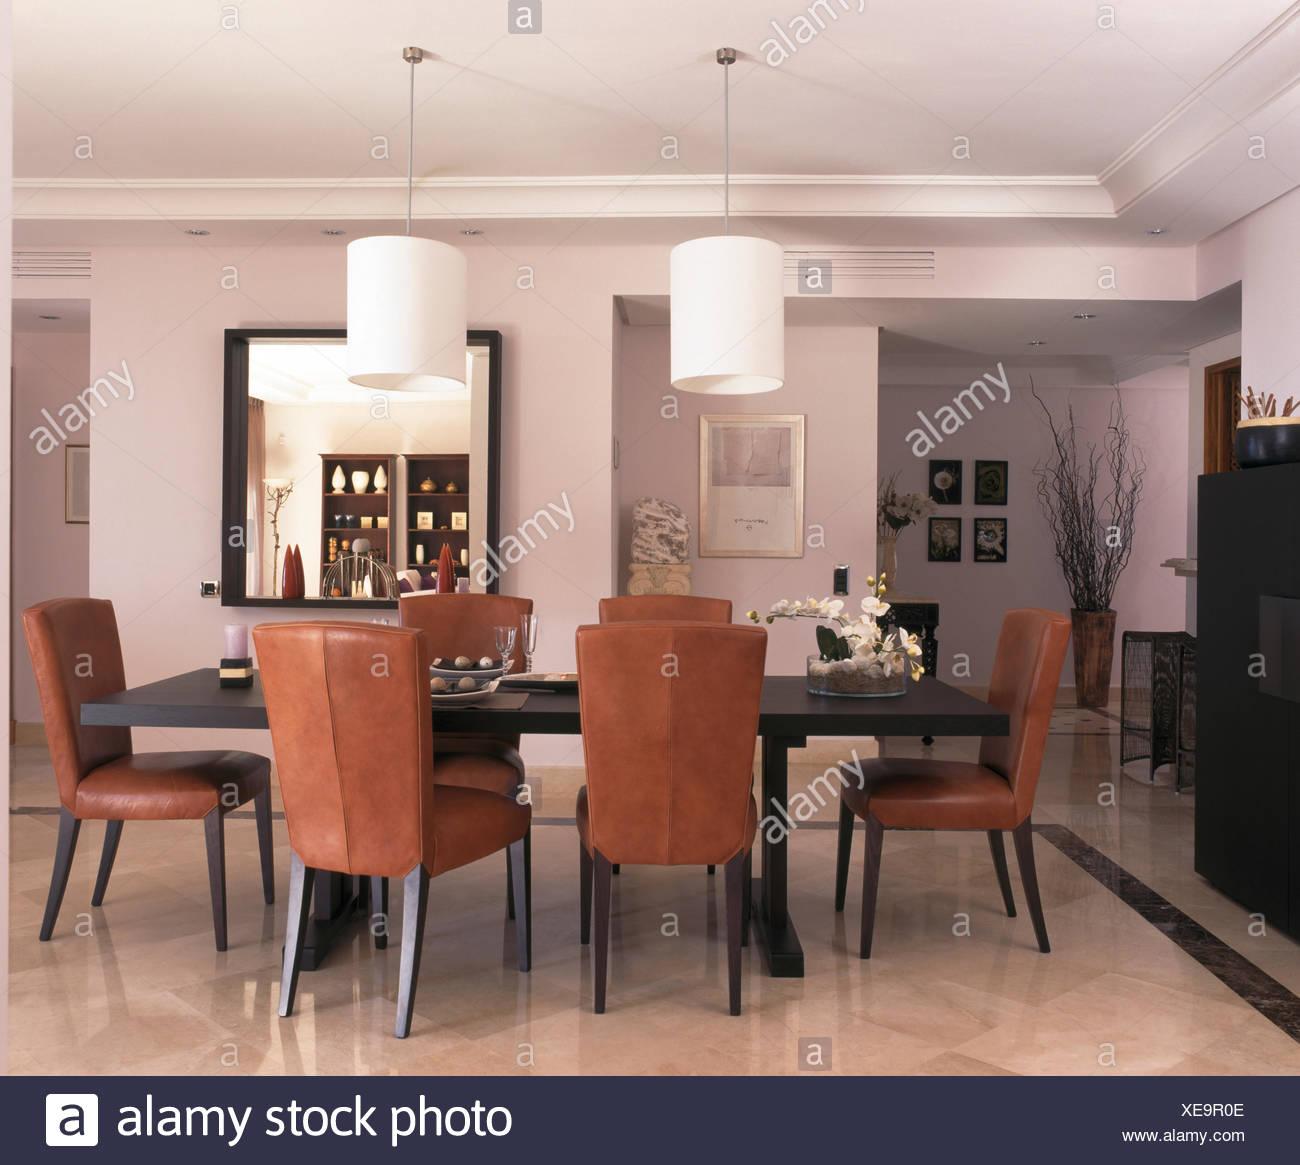 Sedia Sala Da Pranzo Pelle.Sedie In Pelle Marrone Al Tavolo Nella Sala Da Pranzo Della